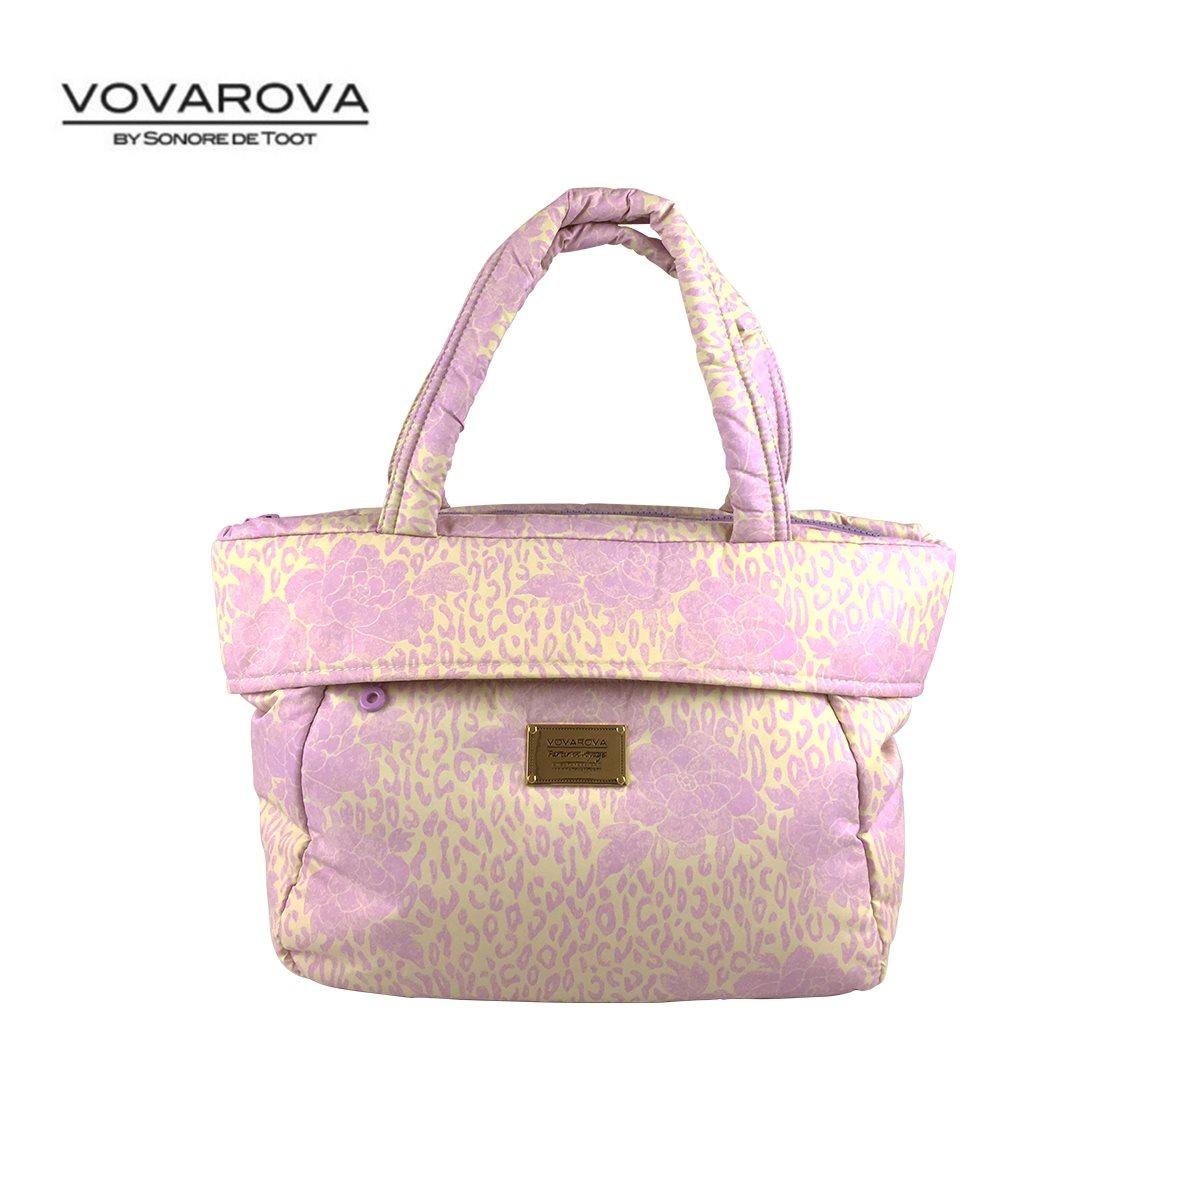 粉红色邮差包 VOVAROVA反折f邮差包粉红色运动机能背包单肩包斜挎包女士国潮包_推荐淘宝好看的粉红色邮差包